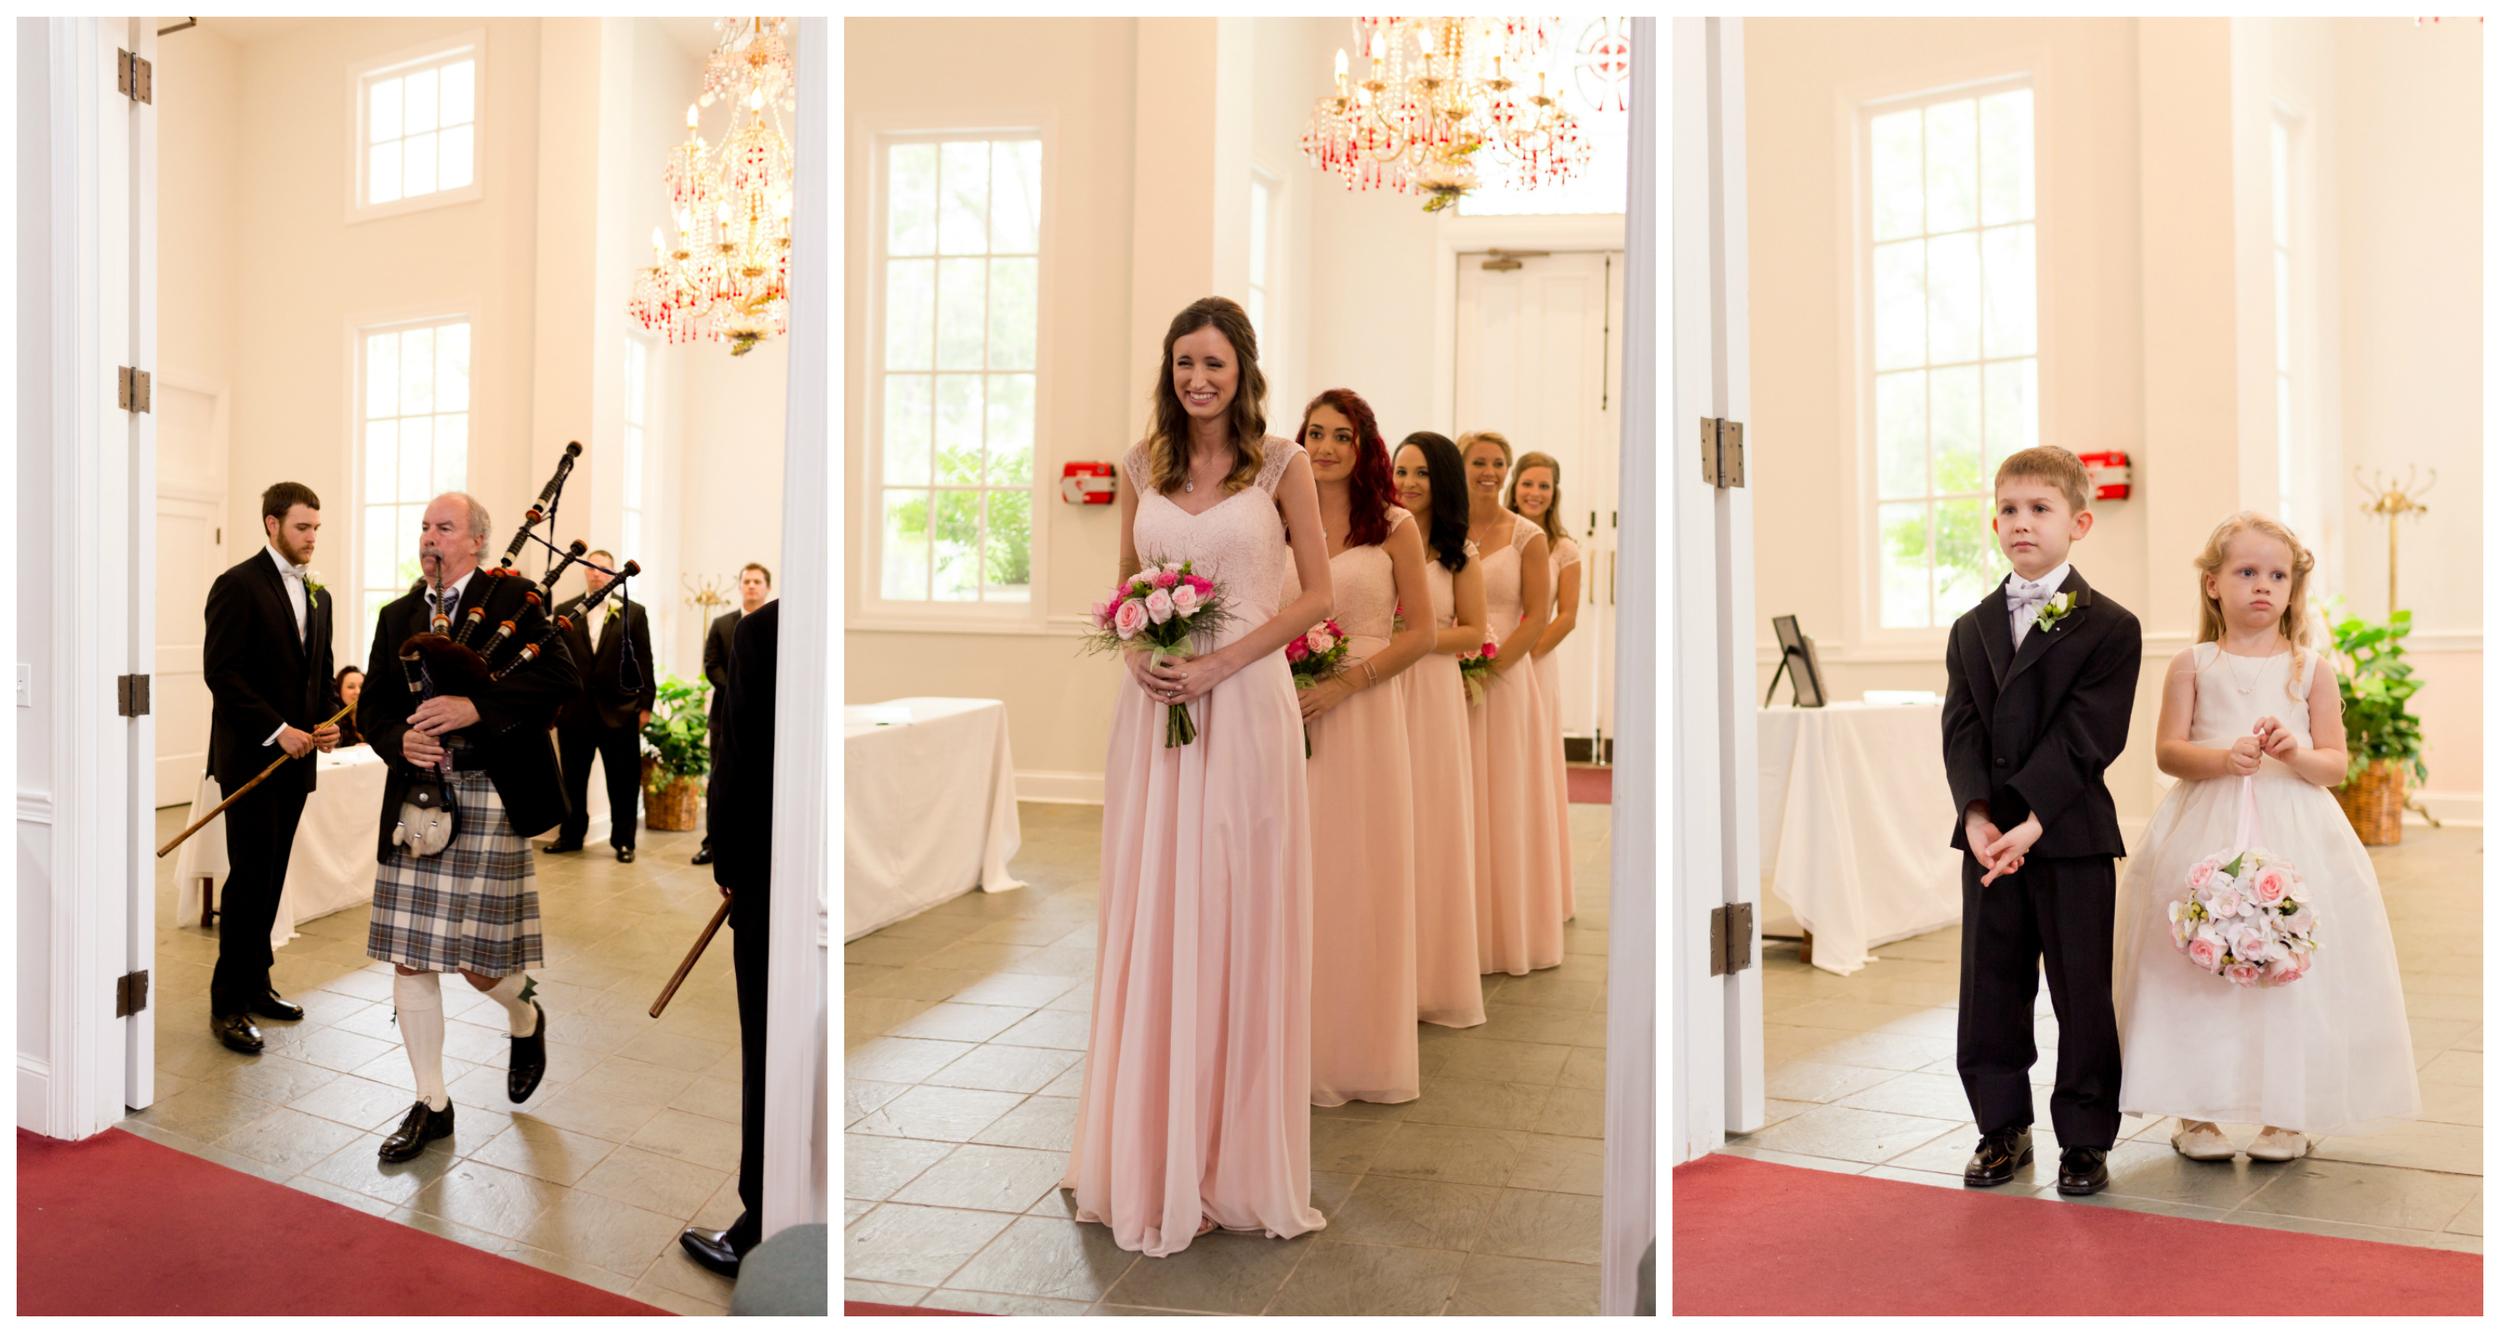 bagpipes at bridal procession